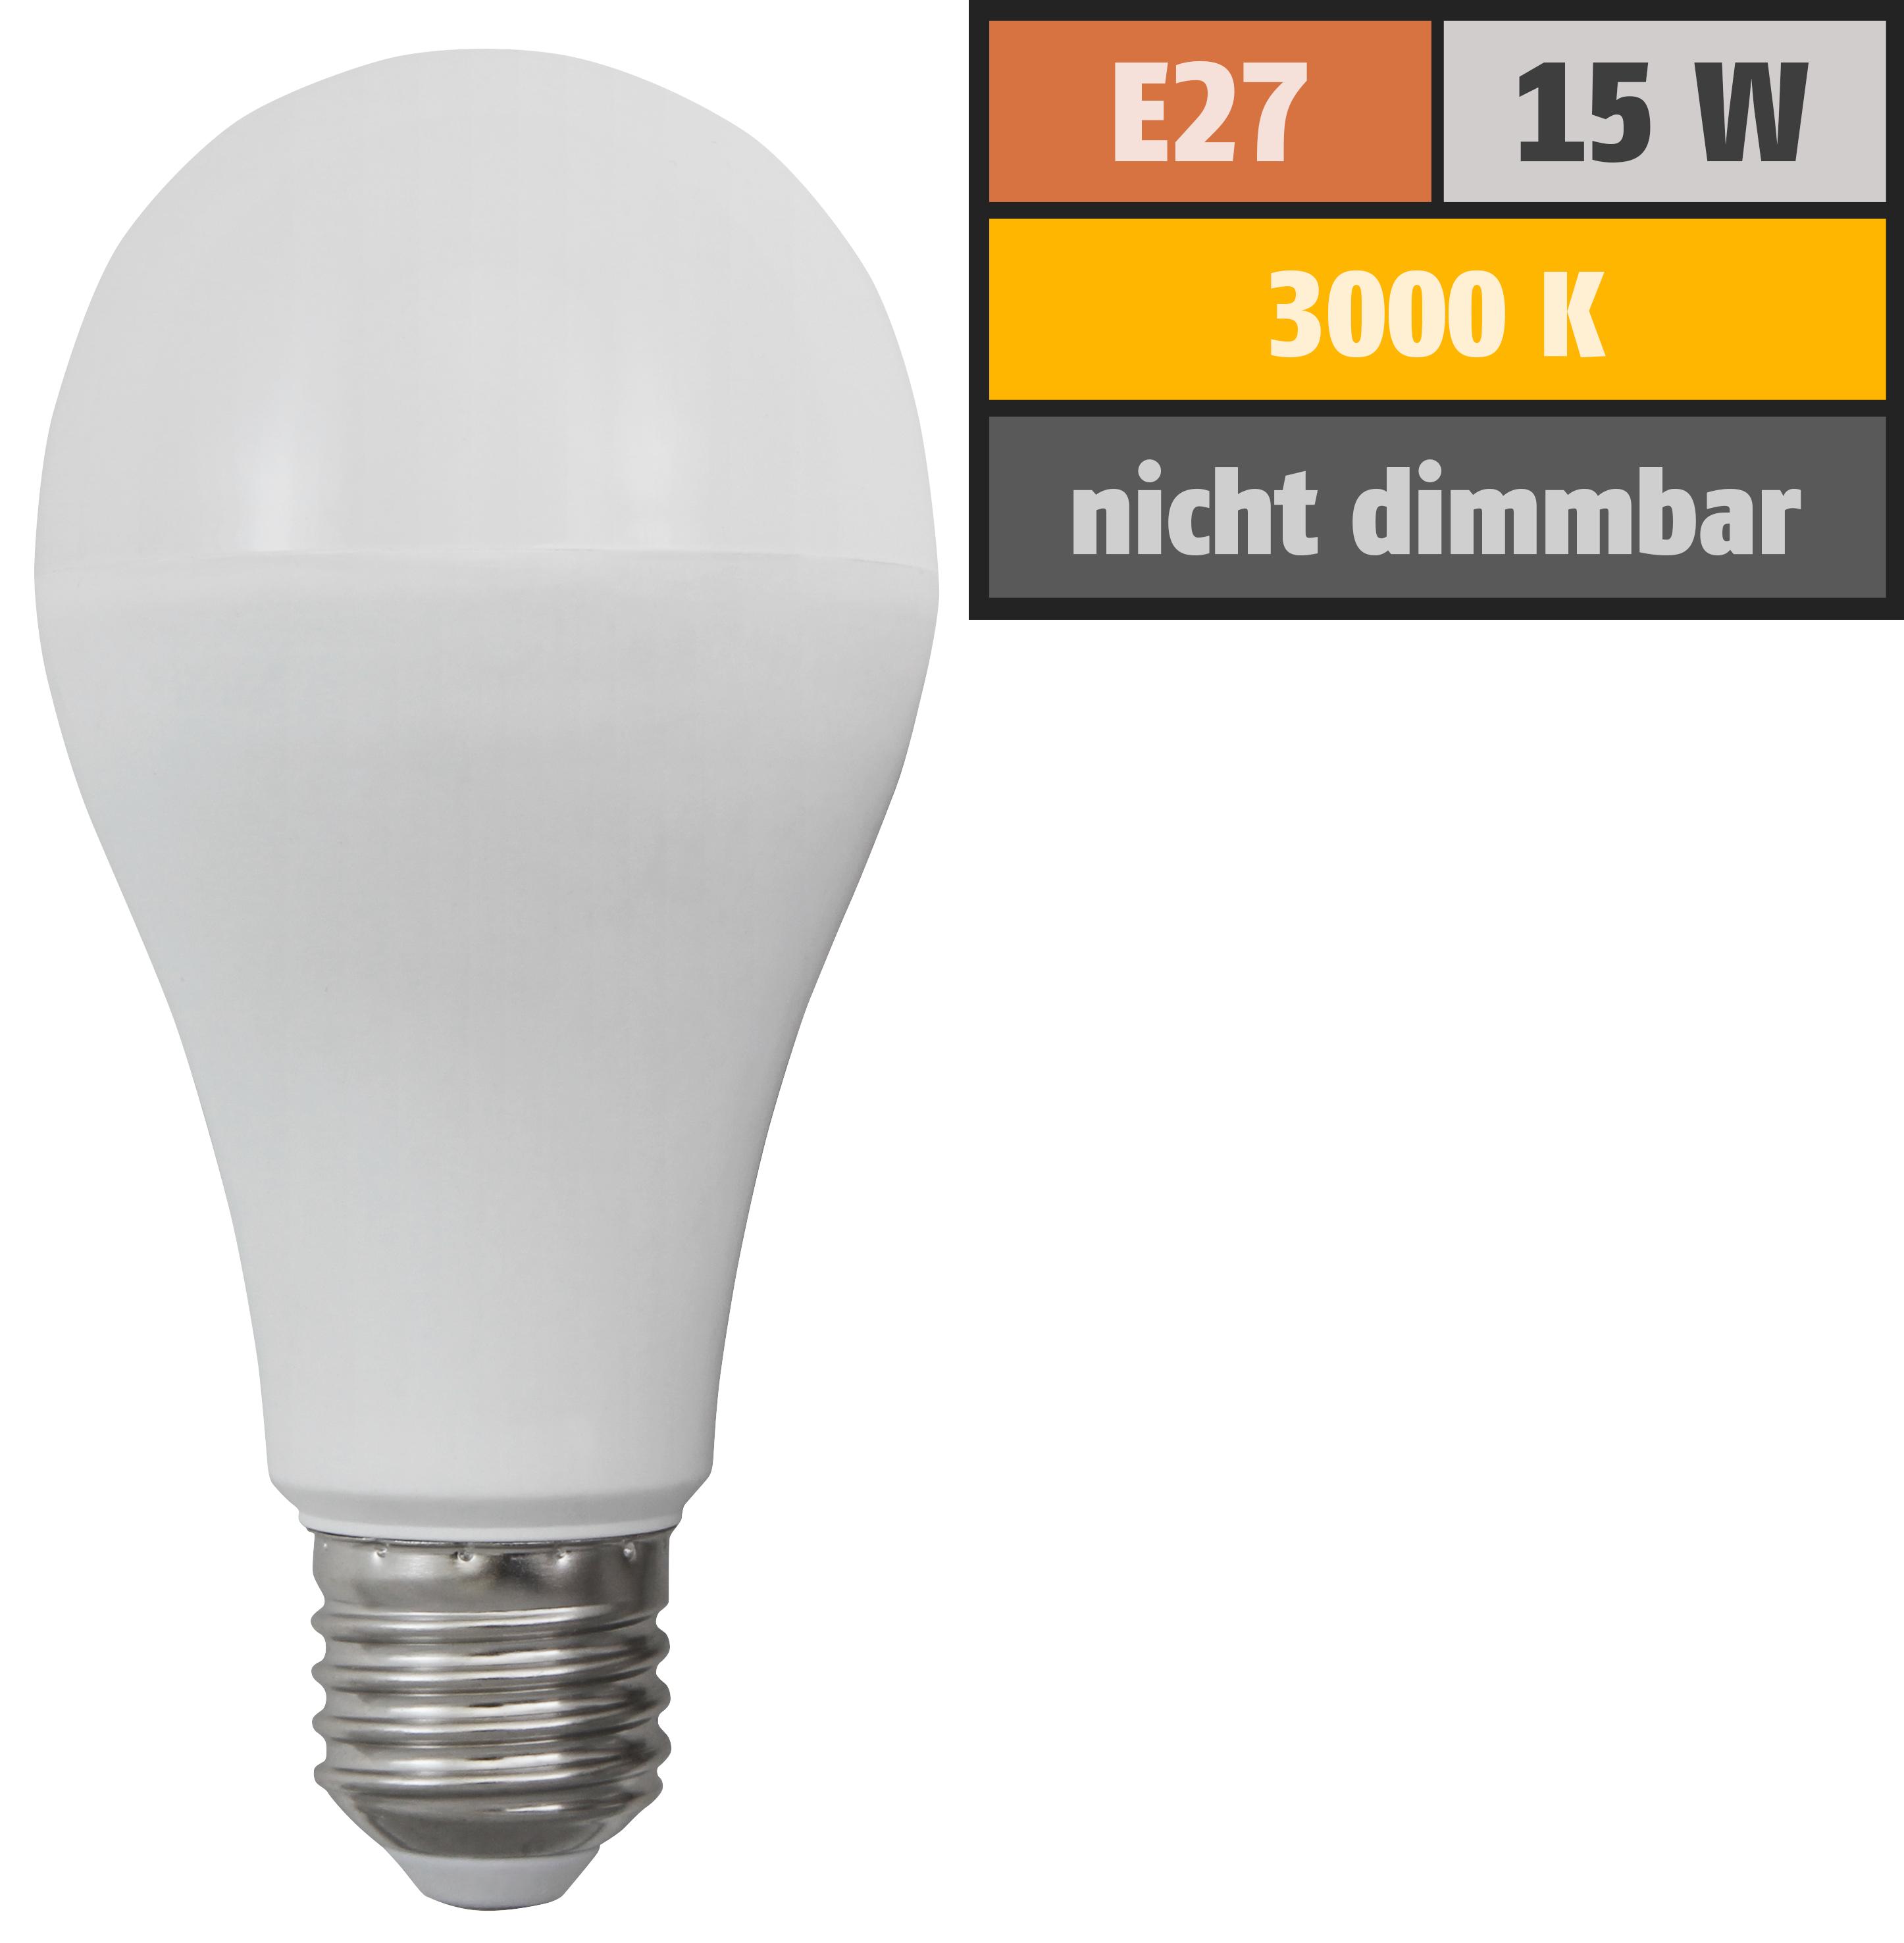 LED Glühlampe McShine ''SuperBright'' E27, 15W, 2500lm, 270°, 3000K, warmweiß